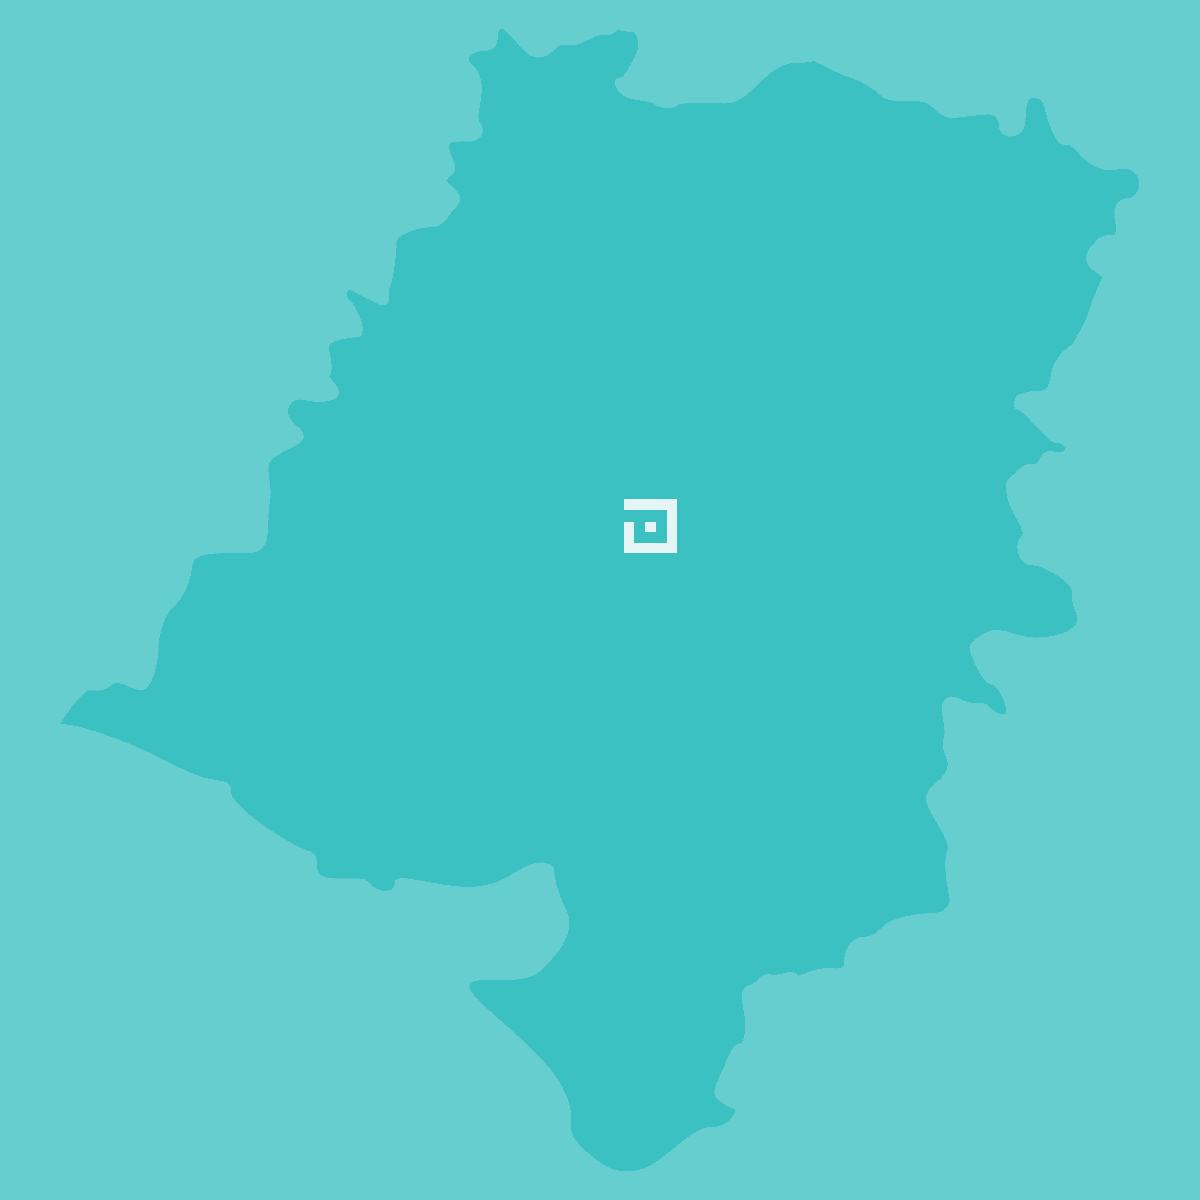 Pompy ciepła opolskie - mapa